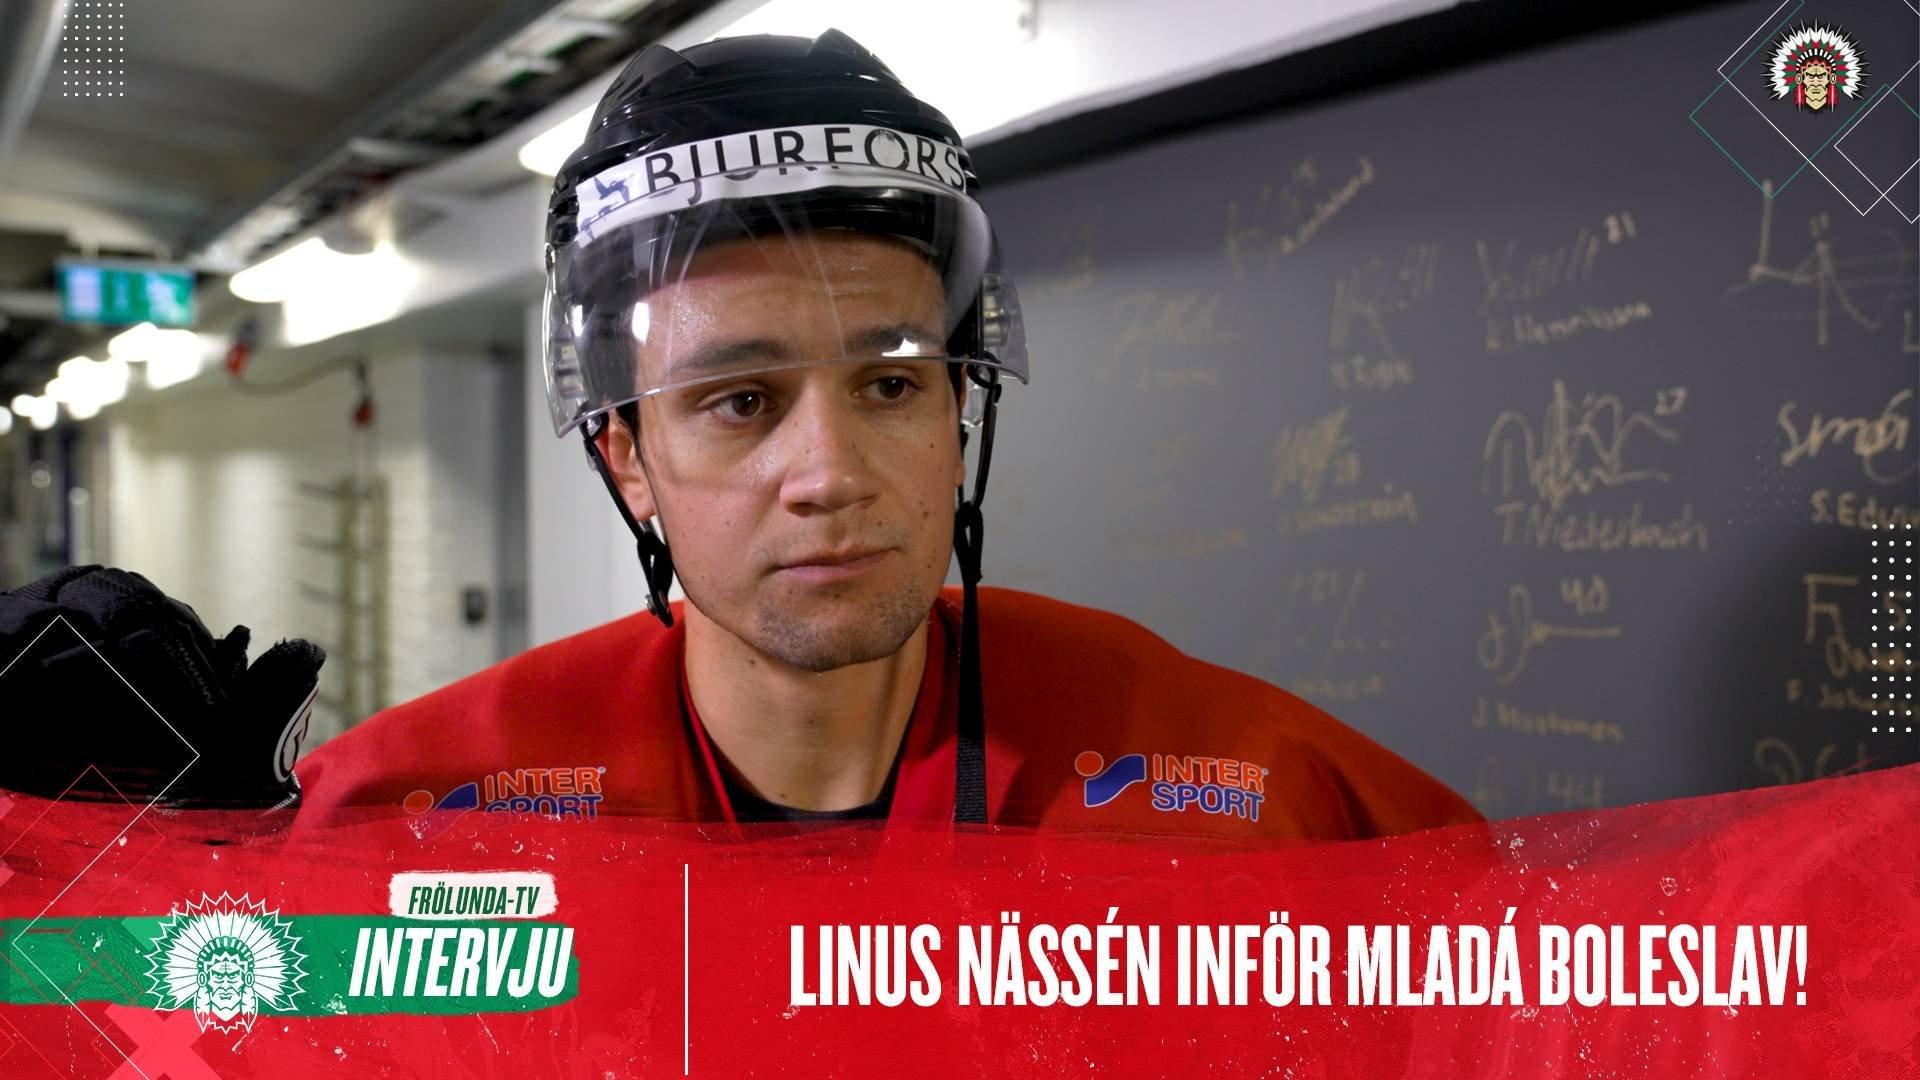 Linus Nässén inför Mlada Boleslav